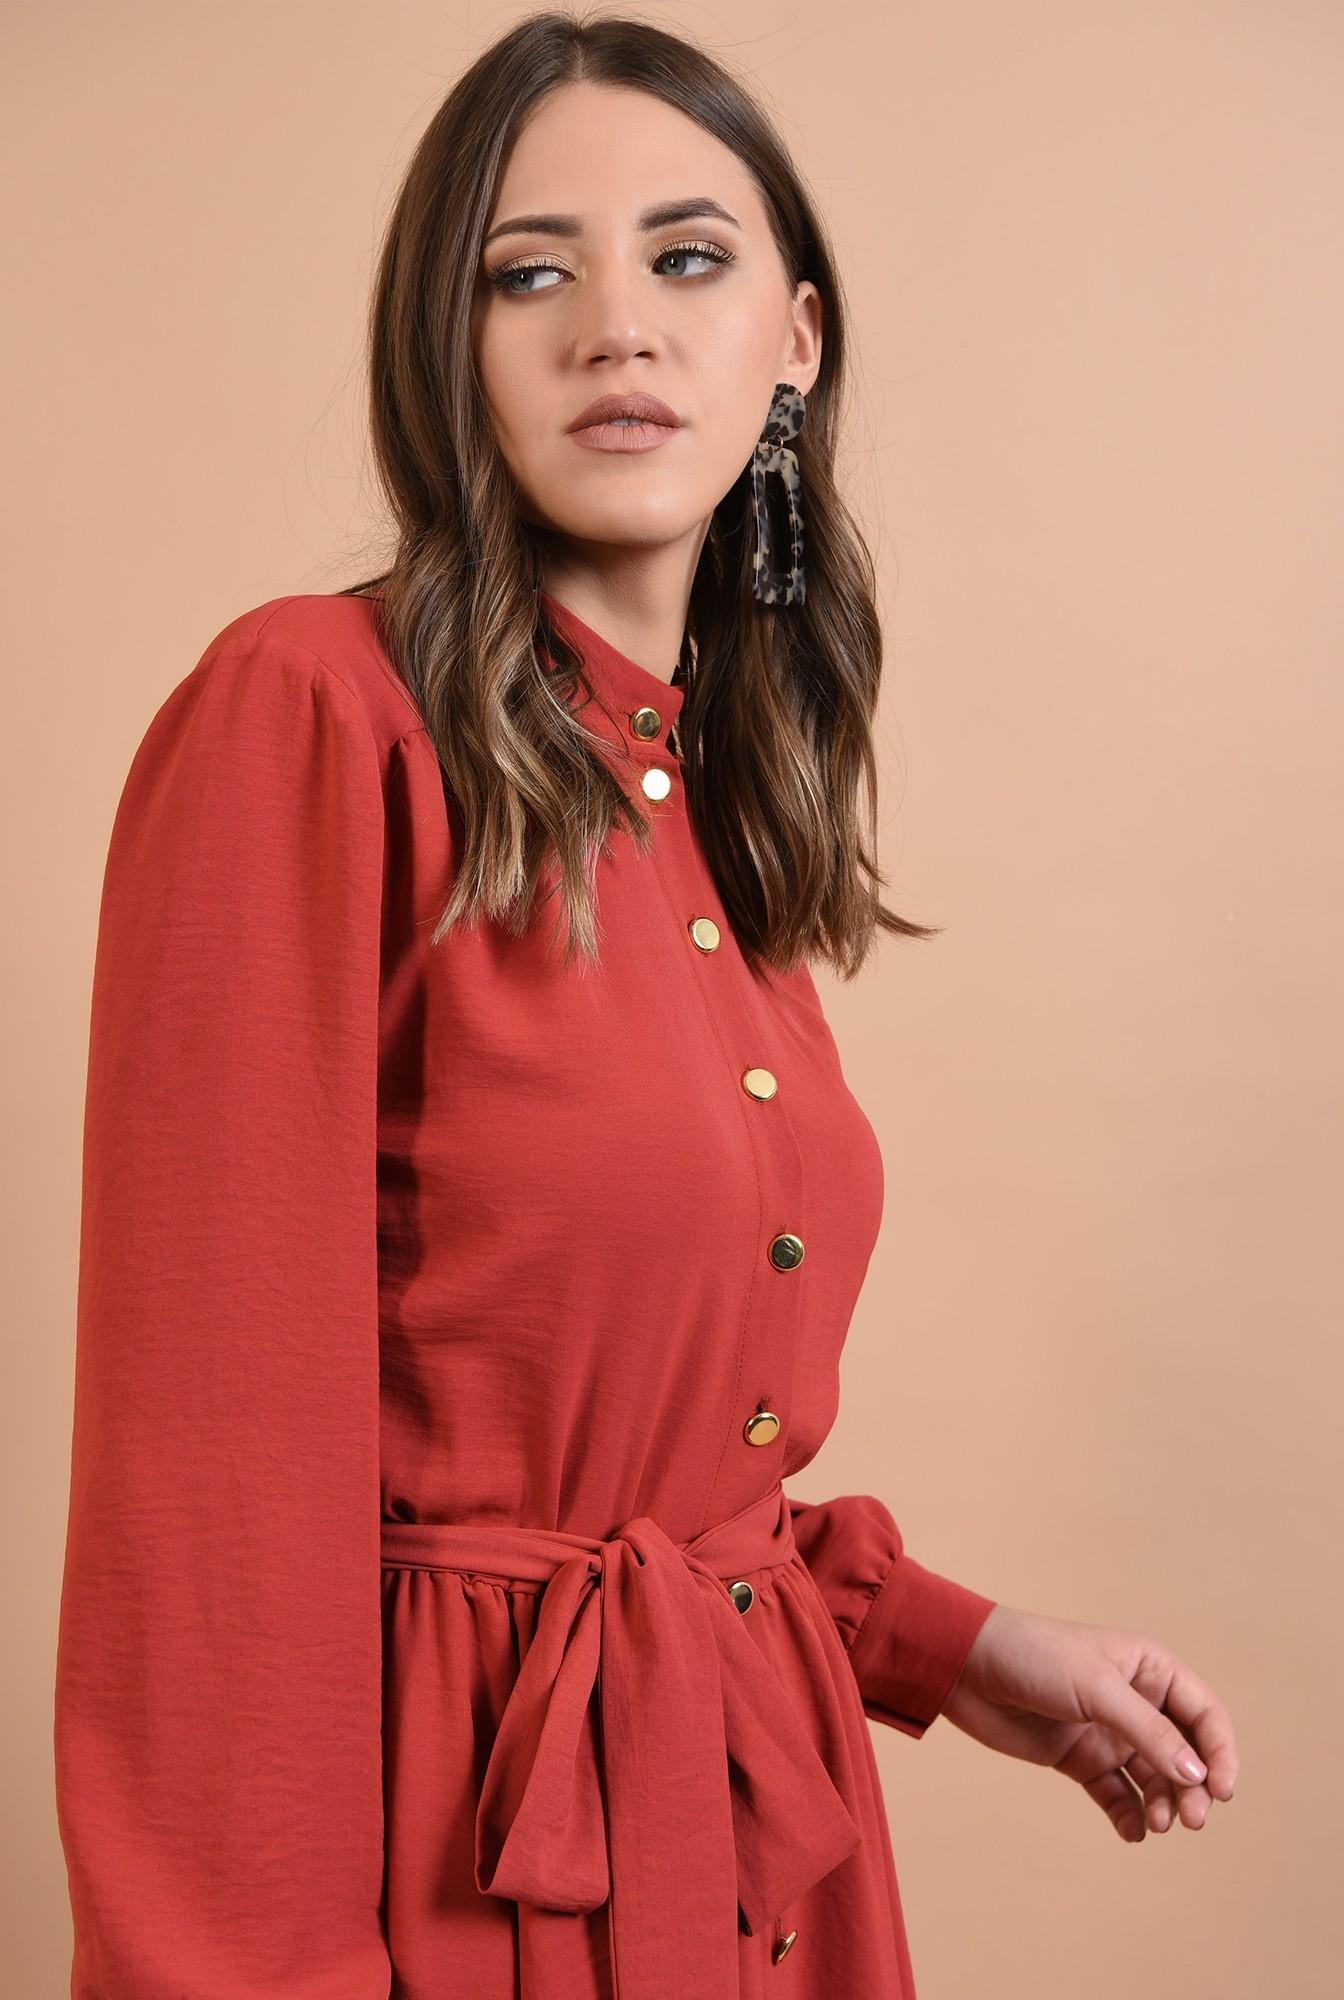 2 - rochie rosu, casual, croi clos, cu cordon, nasturi aurii